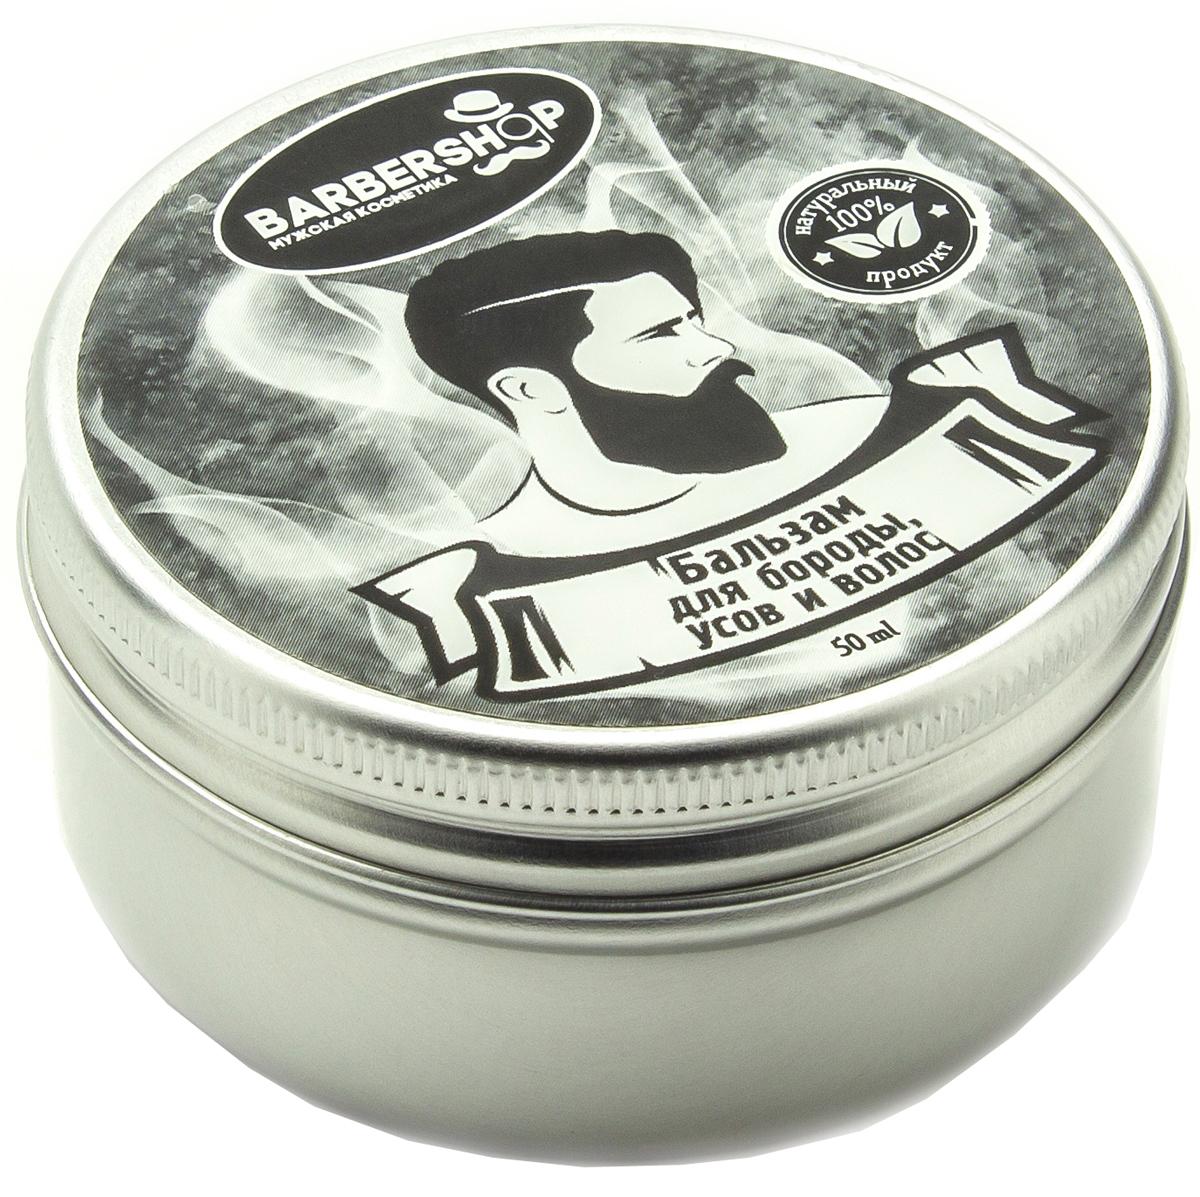 Barbershop , Бальзам для бороды, усов и волос Ванила Сигара, 50 гр триммер для бороды и усов